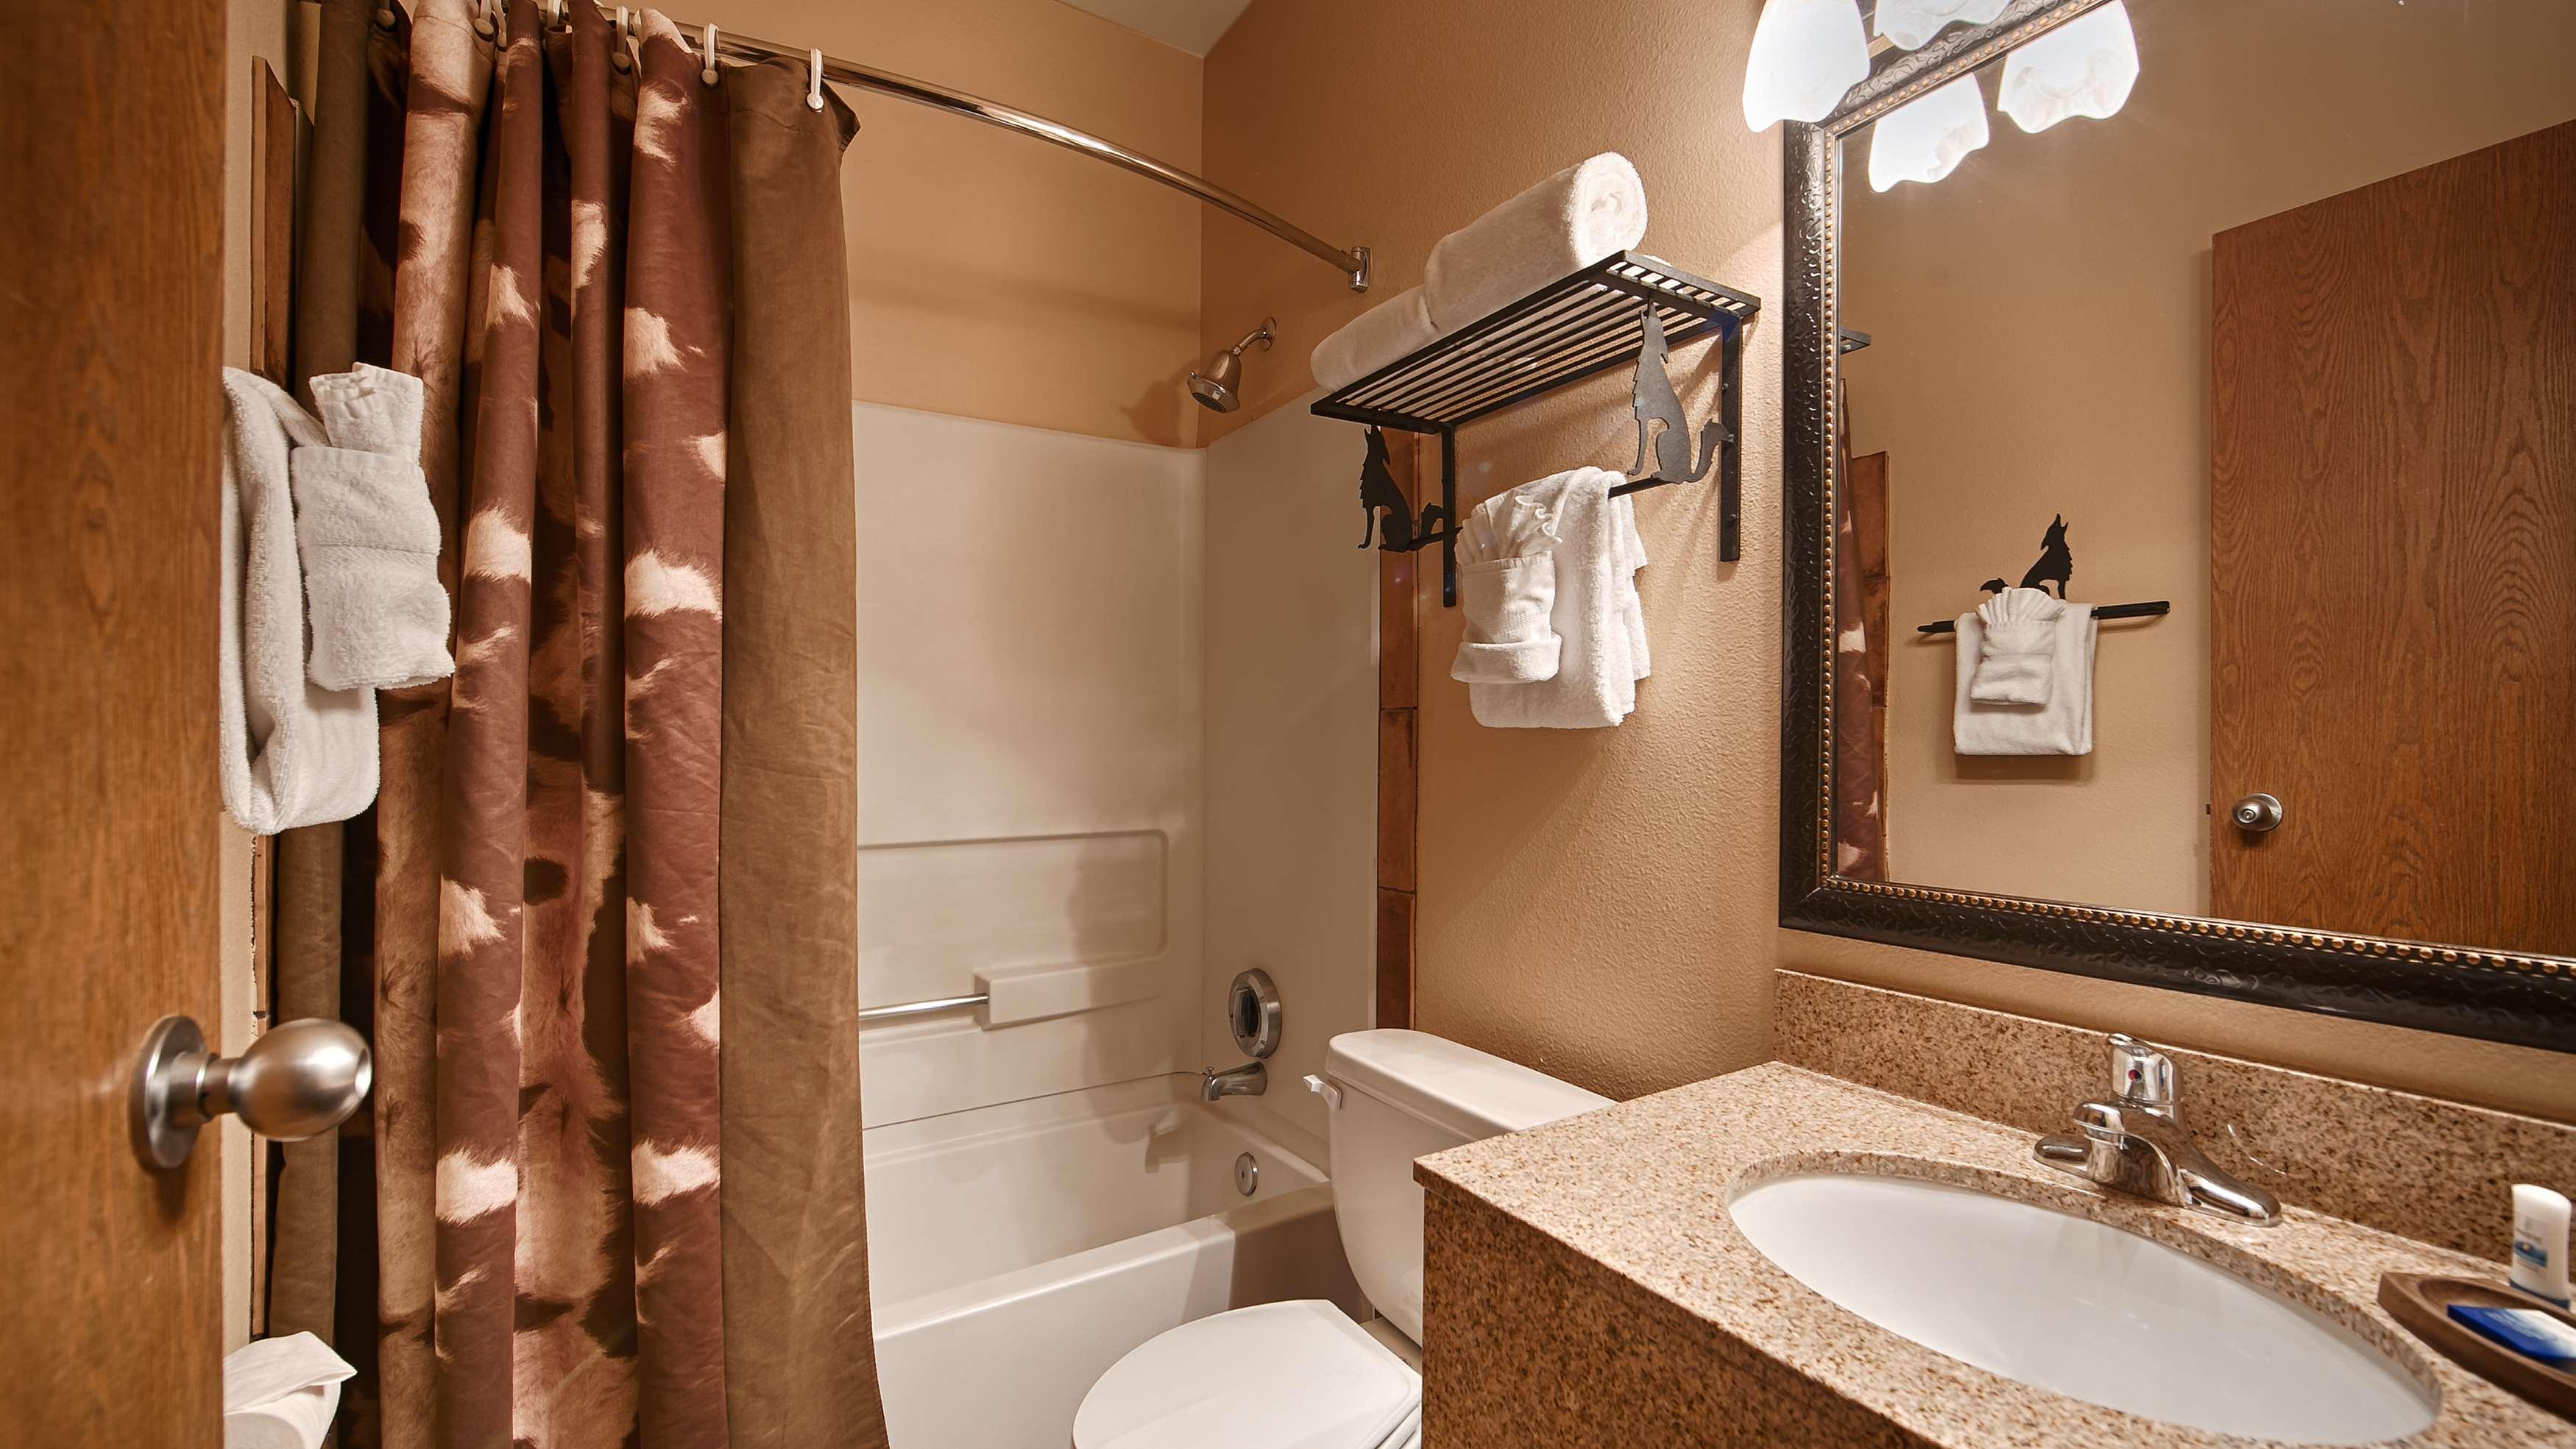 Best Western Plus Inn of Santa Fe image 35